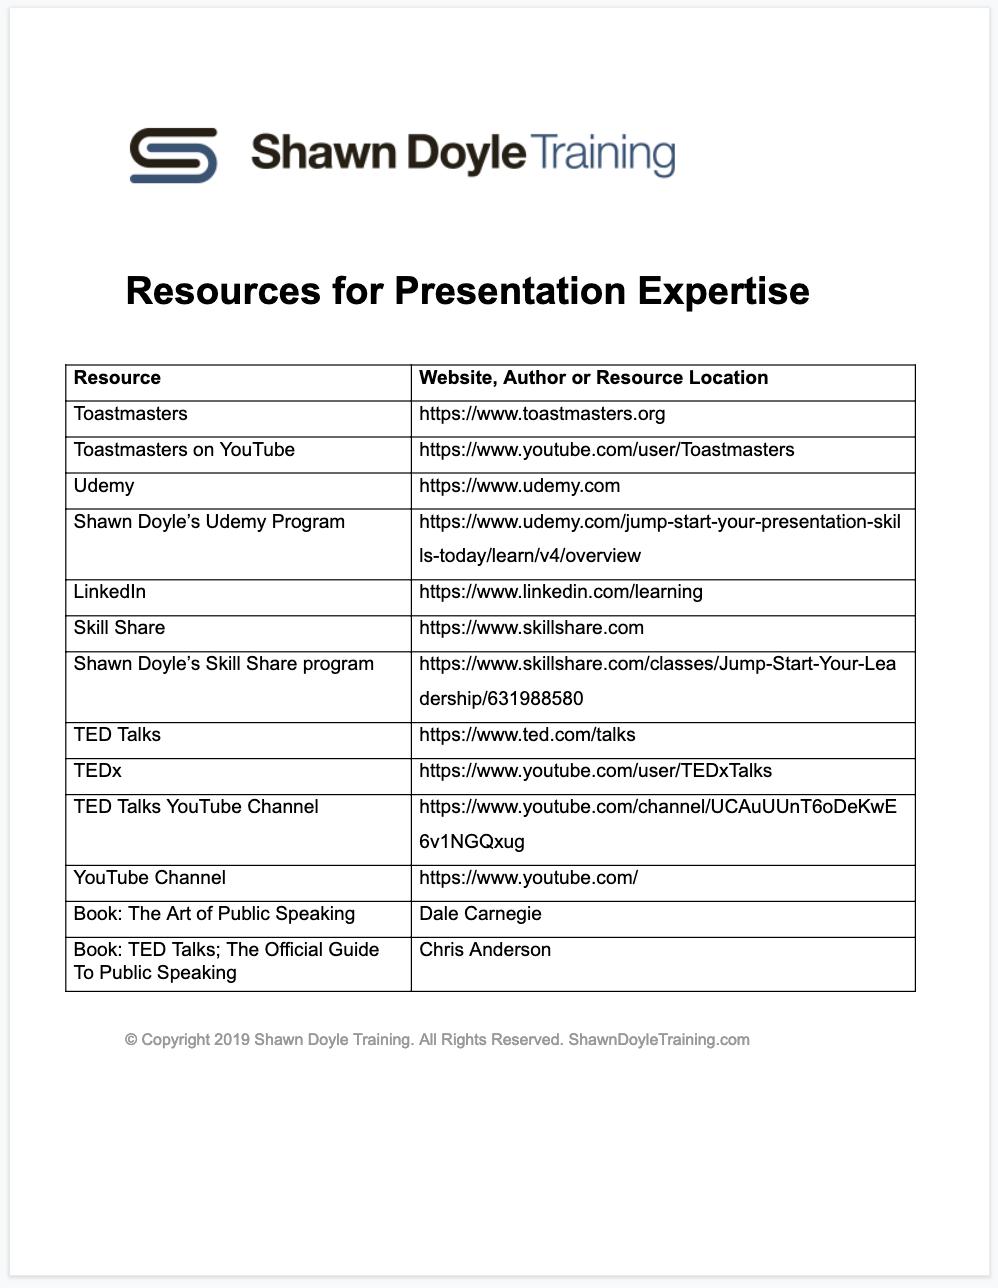 Download Resources for Presentation Expertise Worksheet (PDF)